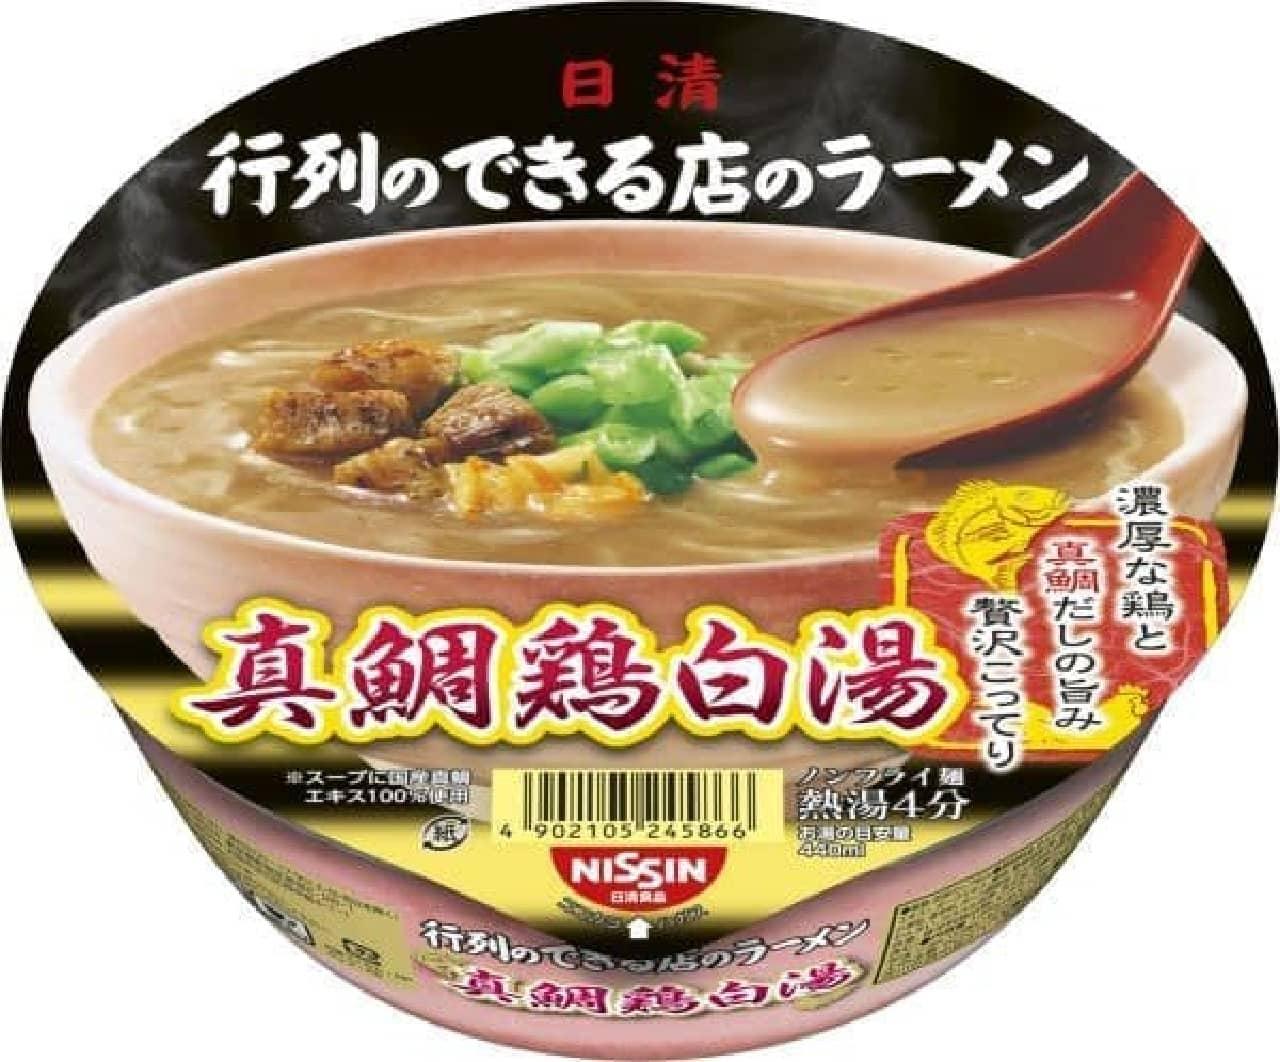 「行列のできる店のラーメン 真鯛鶏白湯」日清食品から